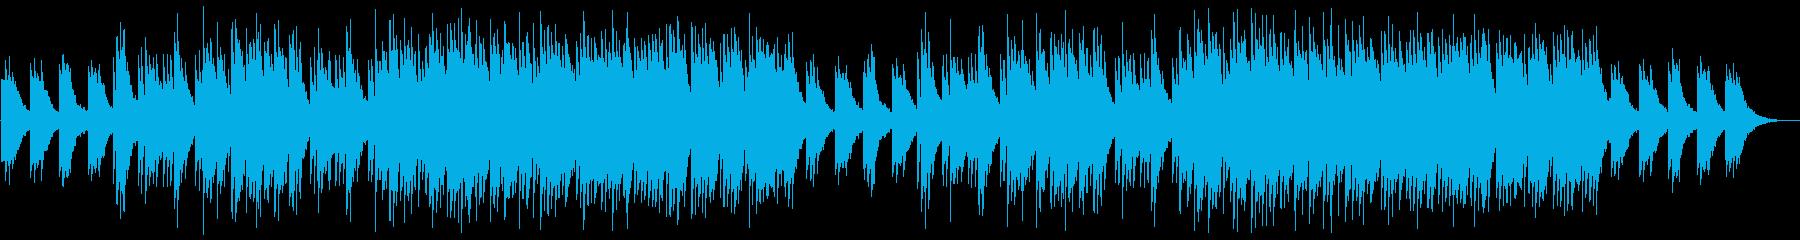 静かで清らかな和風ウエディングBGMの再生済みの波形